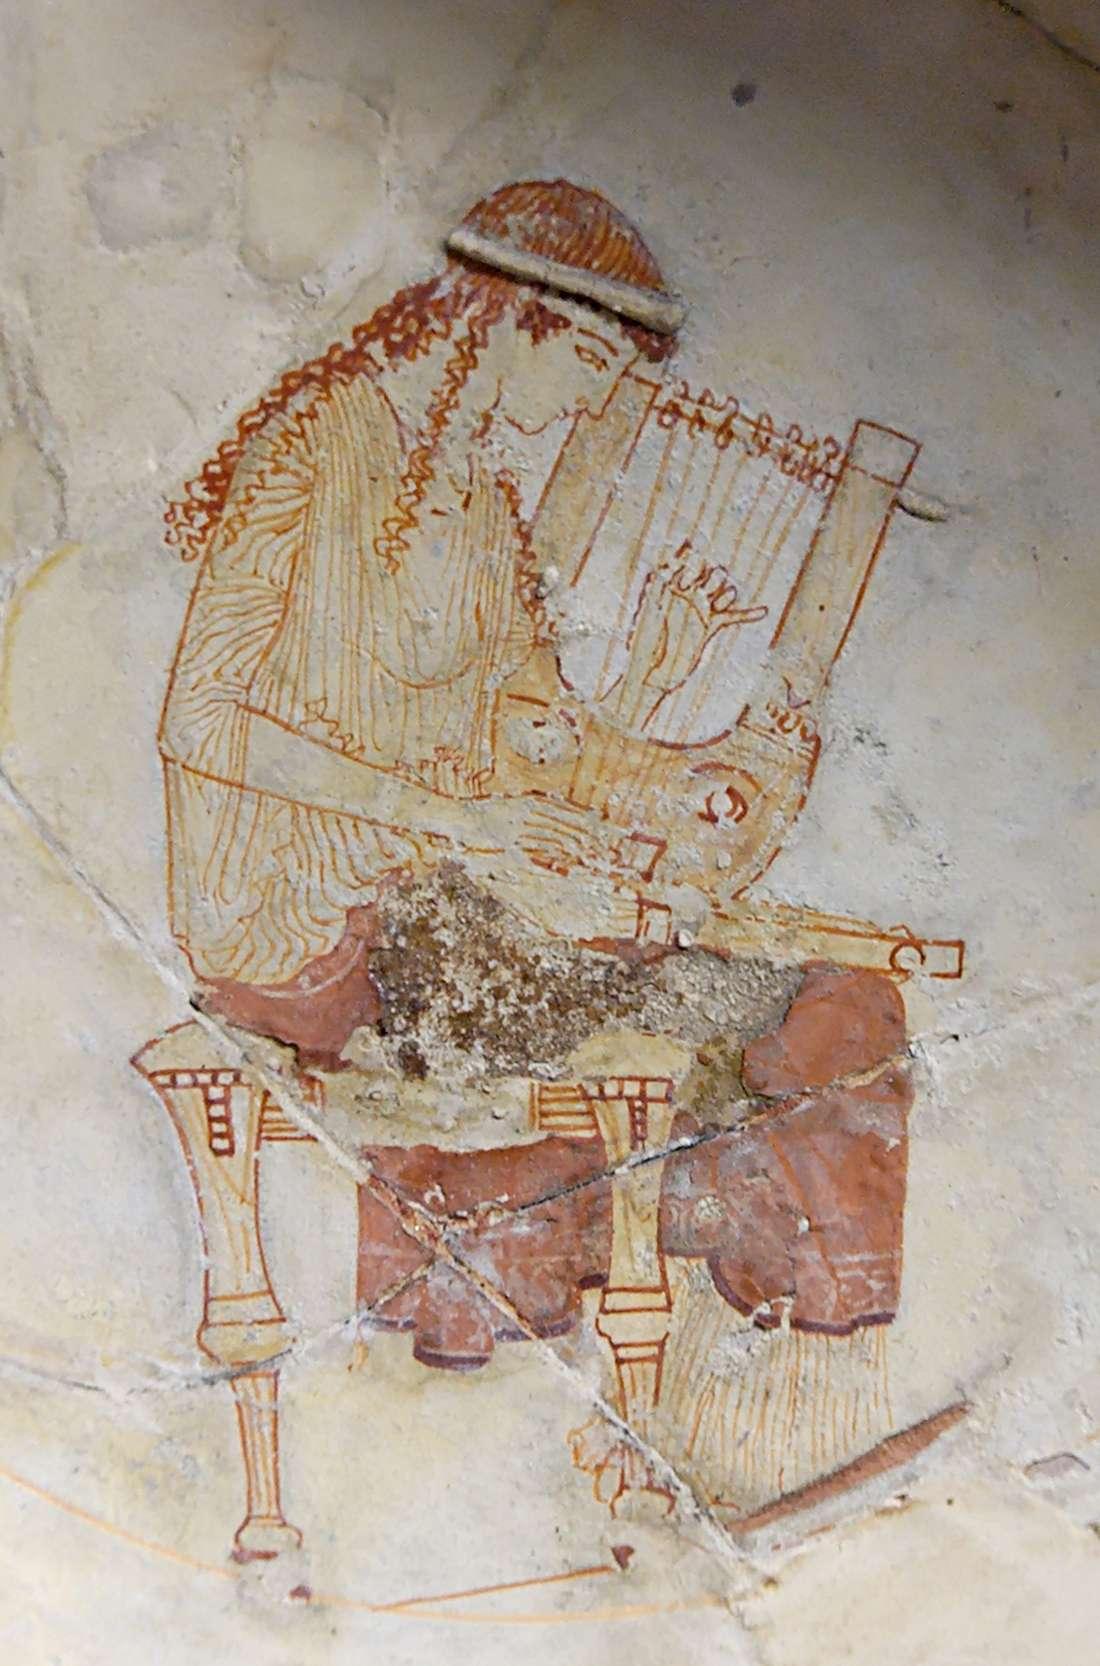 Μούσα που κουρδίζει την κιθάρα της. Εσωτερικό κυπέλλου από την Ερέτρια, περ. 470-460 π.Χ., Λούβρο